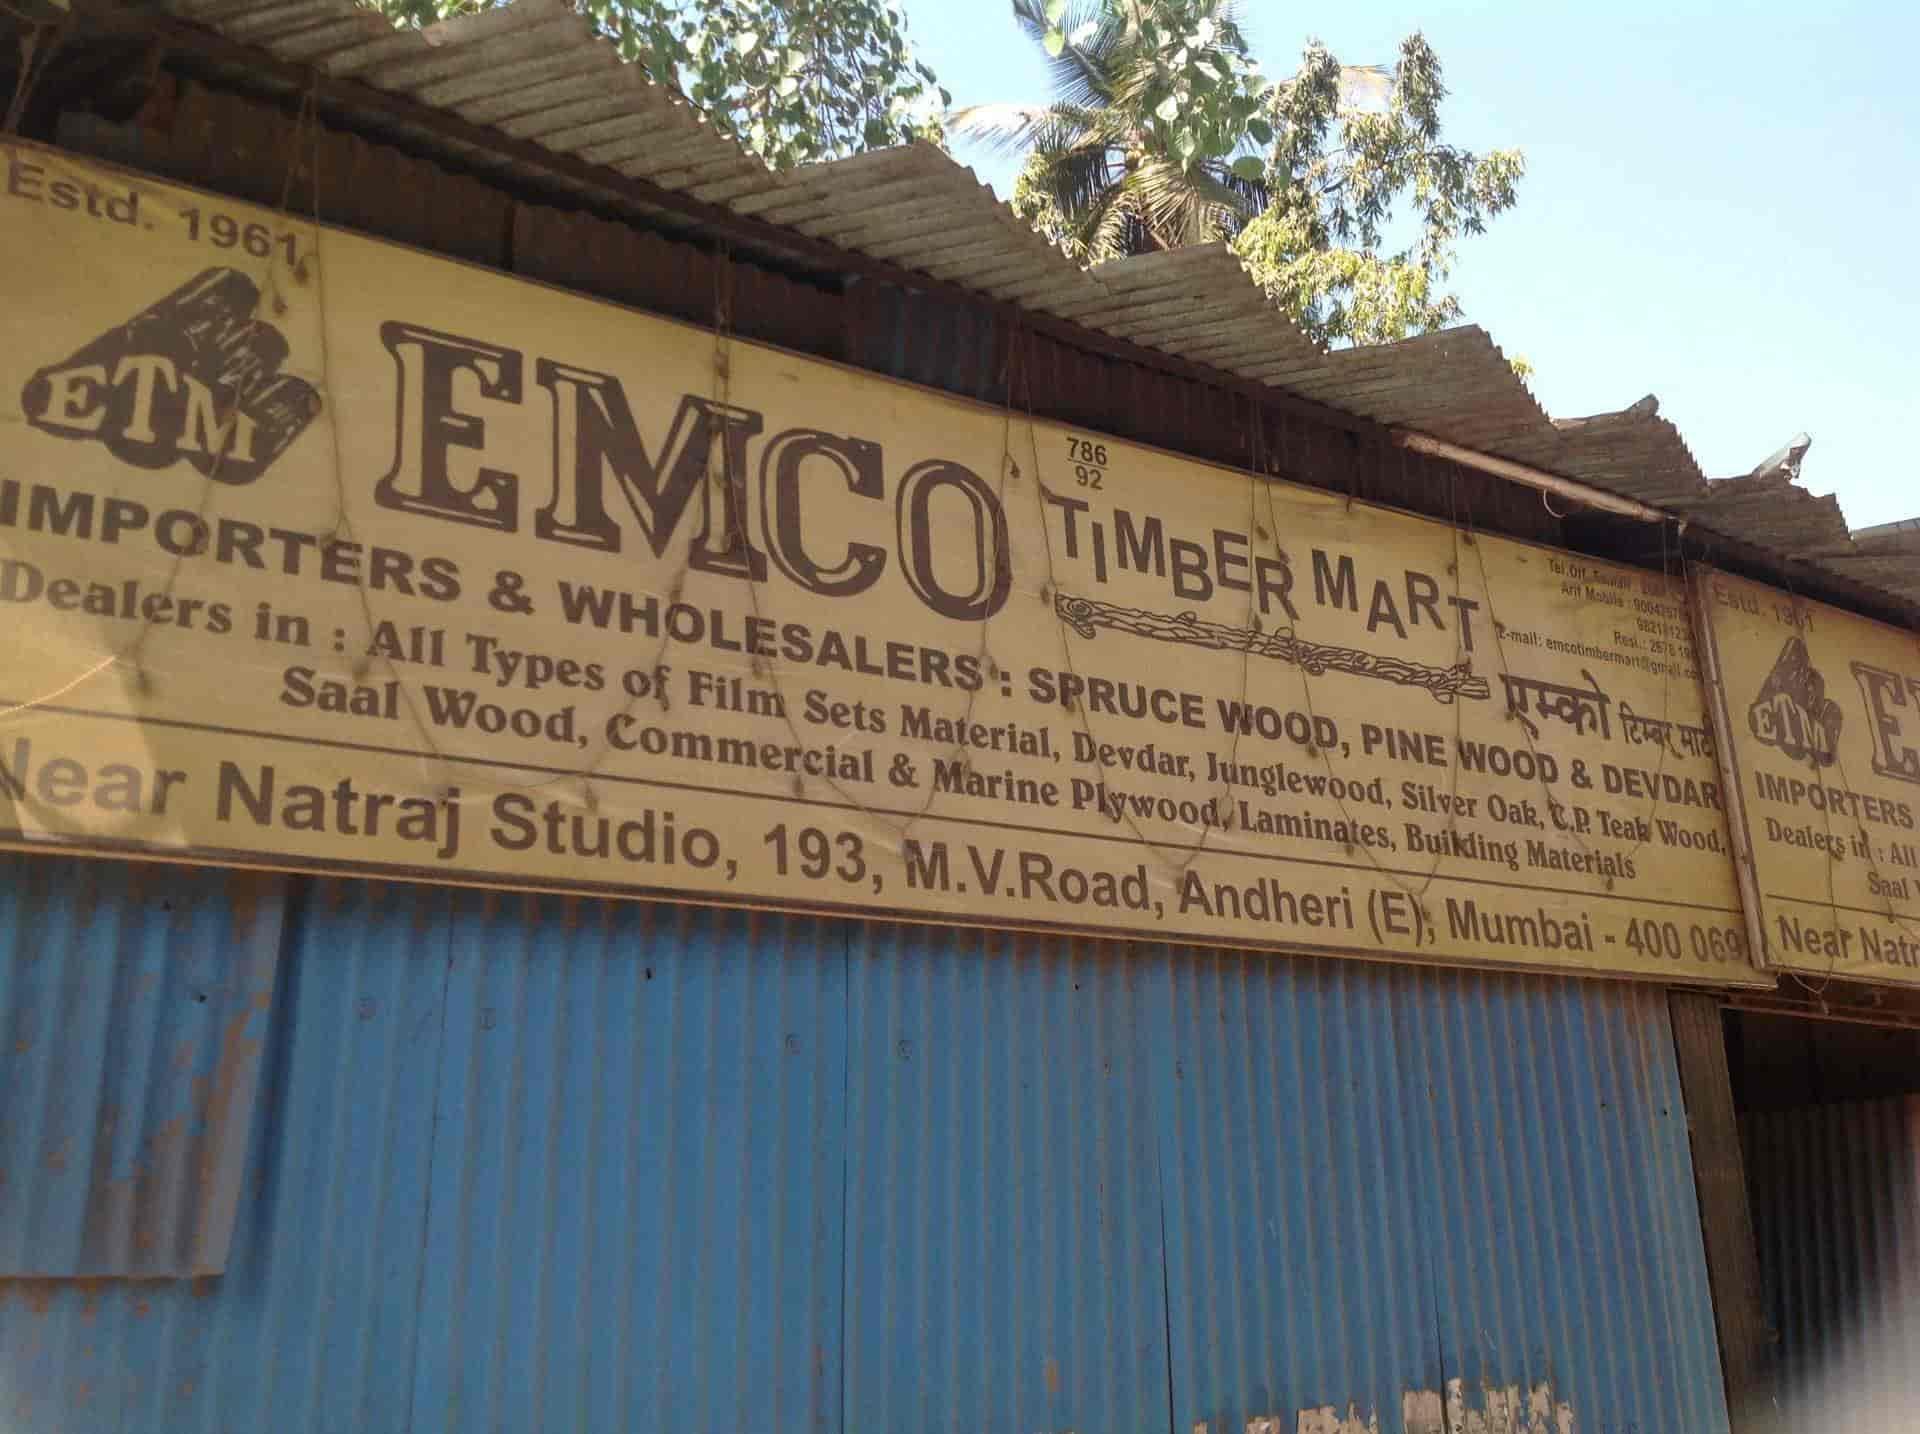 Emco Timber Mart, Andheri East - Timber Dealers in Mumbai